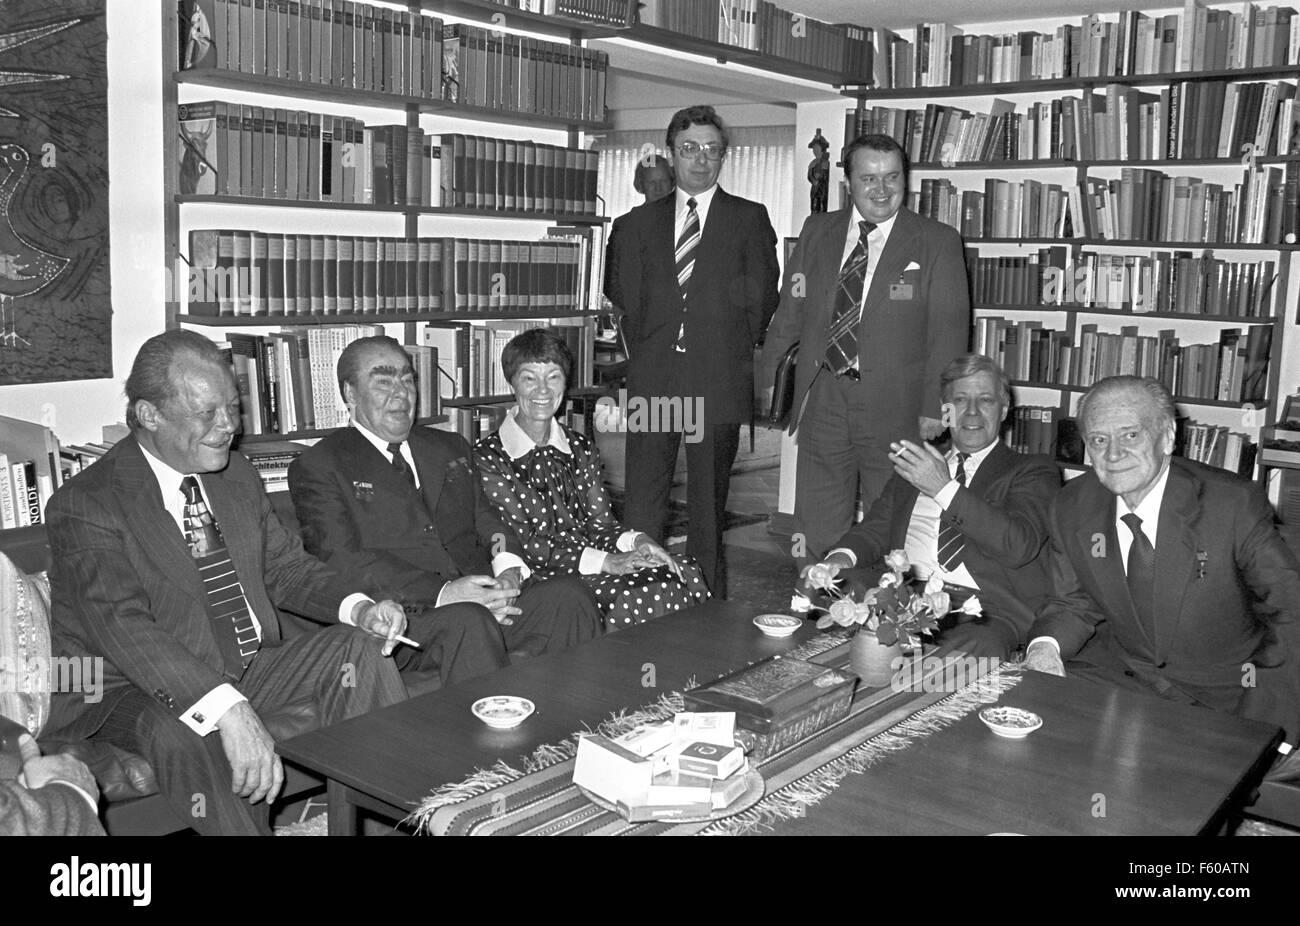 (L-R, assis): Willy Brandt, Leonid Brejnev, Hannelore Schmidt, Helmut Schmidt, et Nikolaï Alexandrovitch Tikhonov au domicile du chancelier Schmidt à Hambourg le 7 mai 1978. Banque D'Images